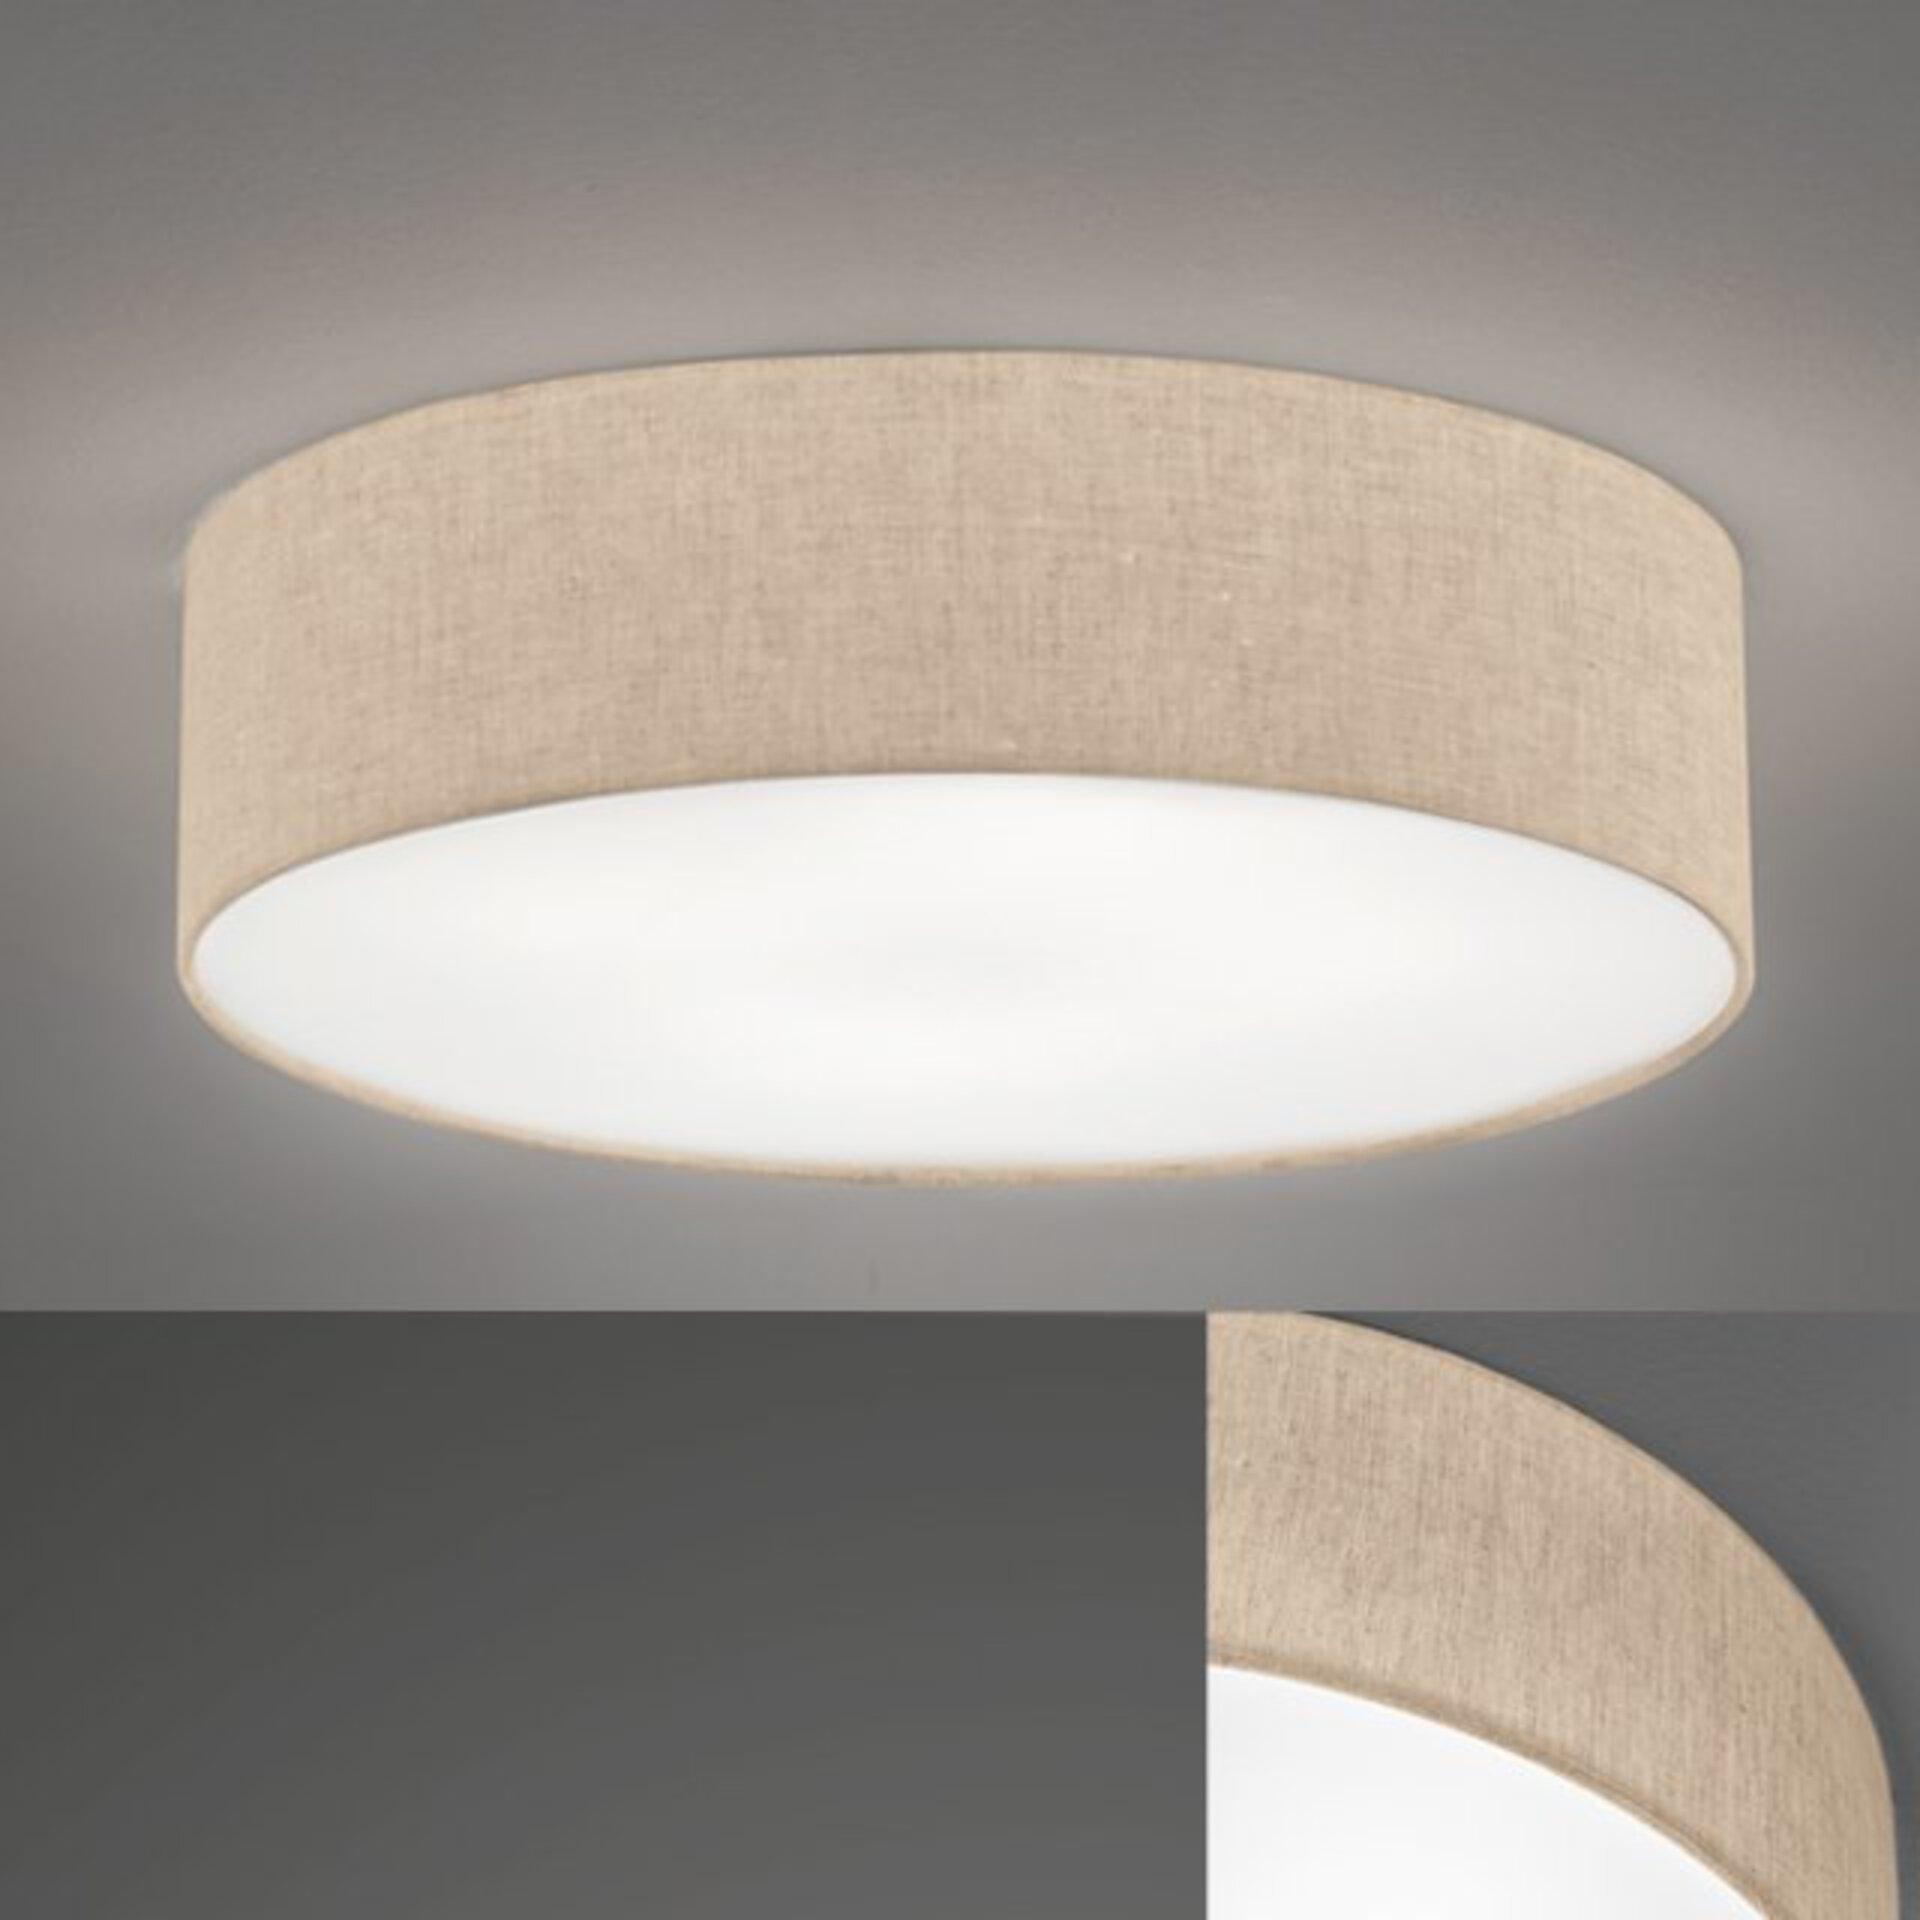 Deckenleuchte Thor Fischer-Honsel Textil beige 60 x 15 x 60 cm